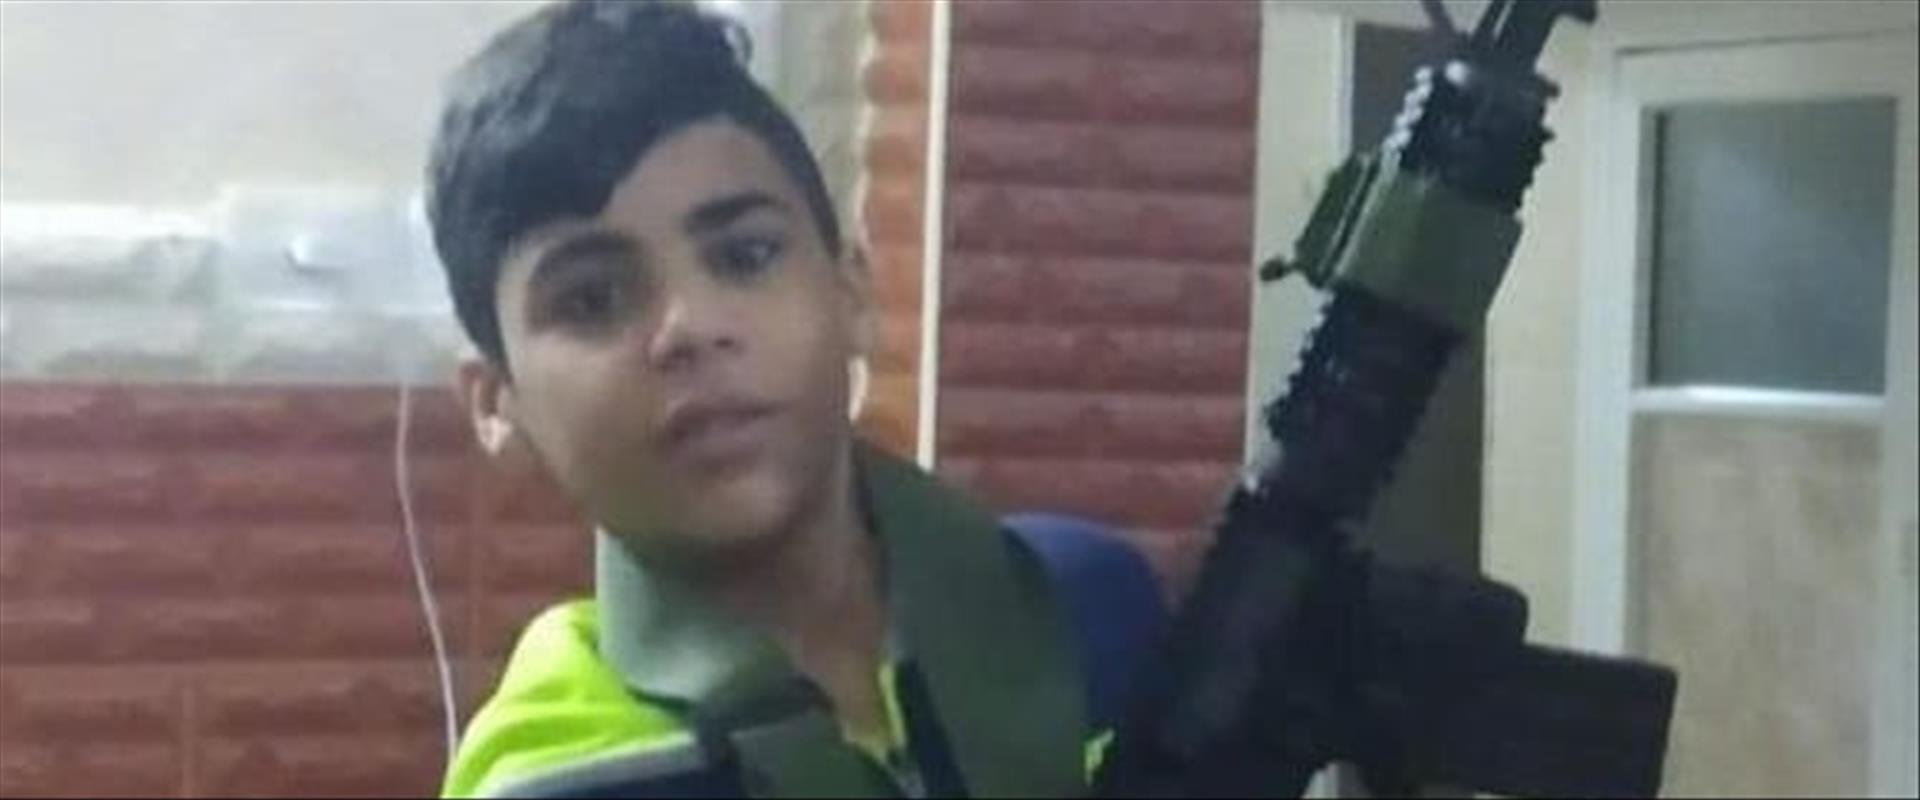 """הנער שנהרג ליד שכם מירי צה""""ל 24.8.2021"""